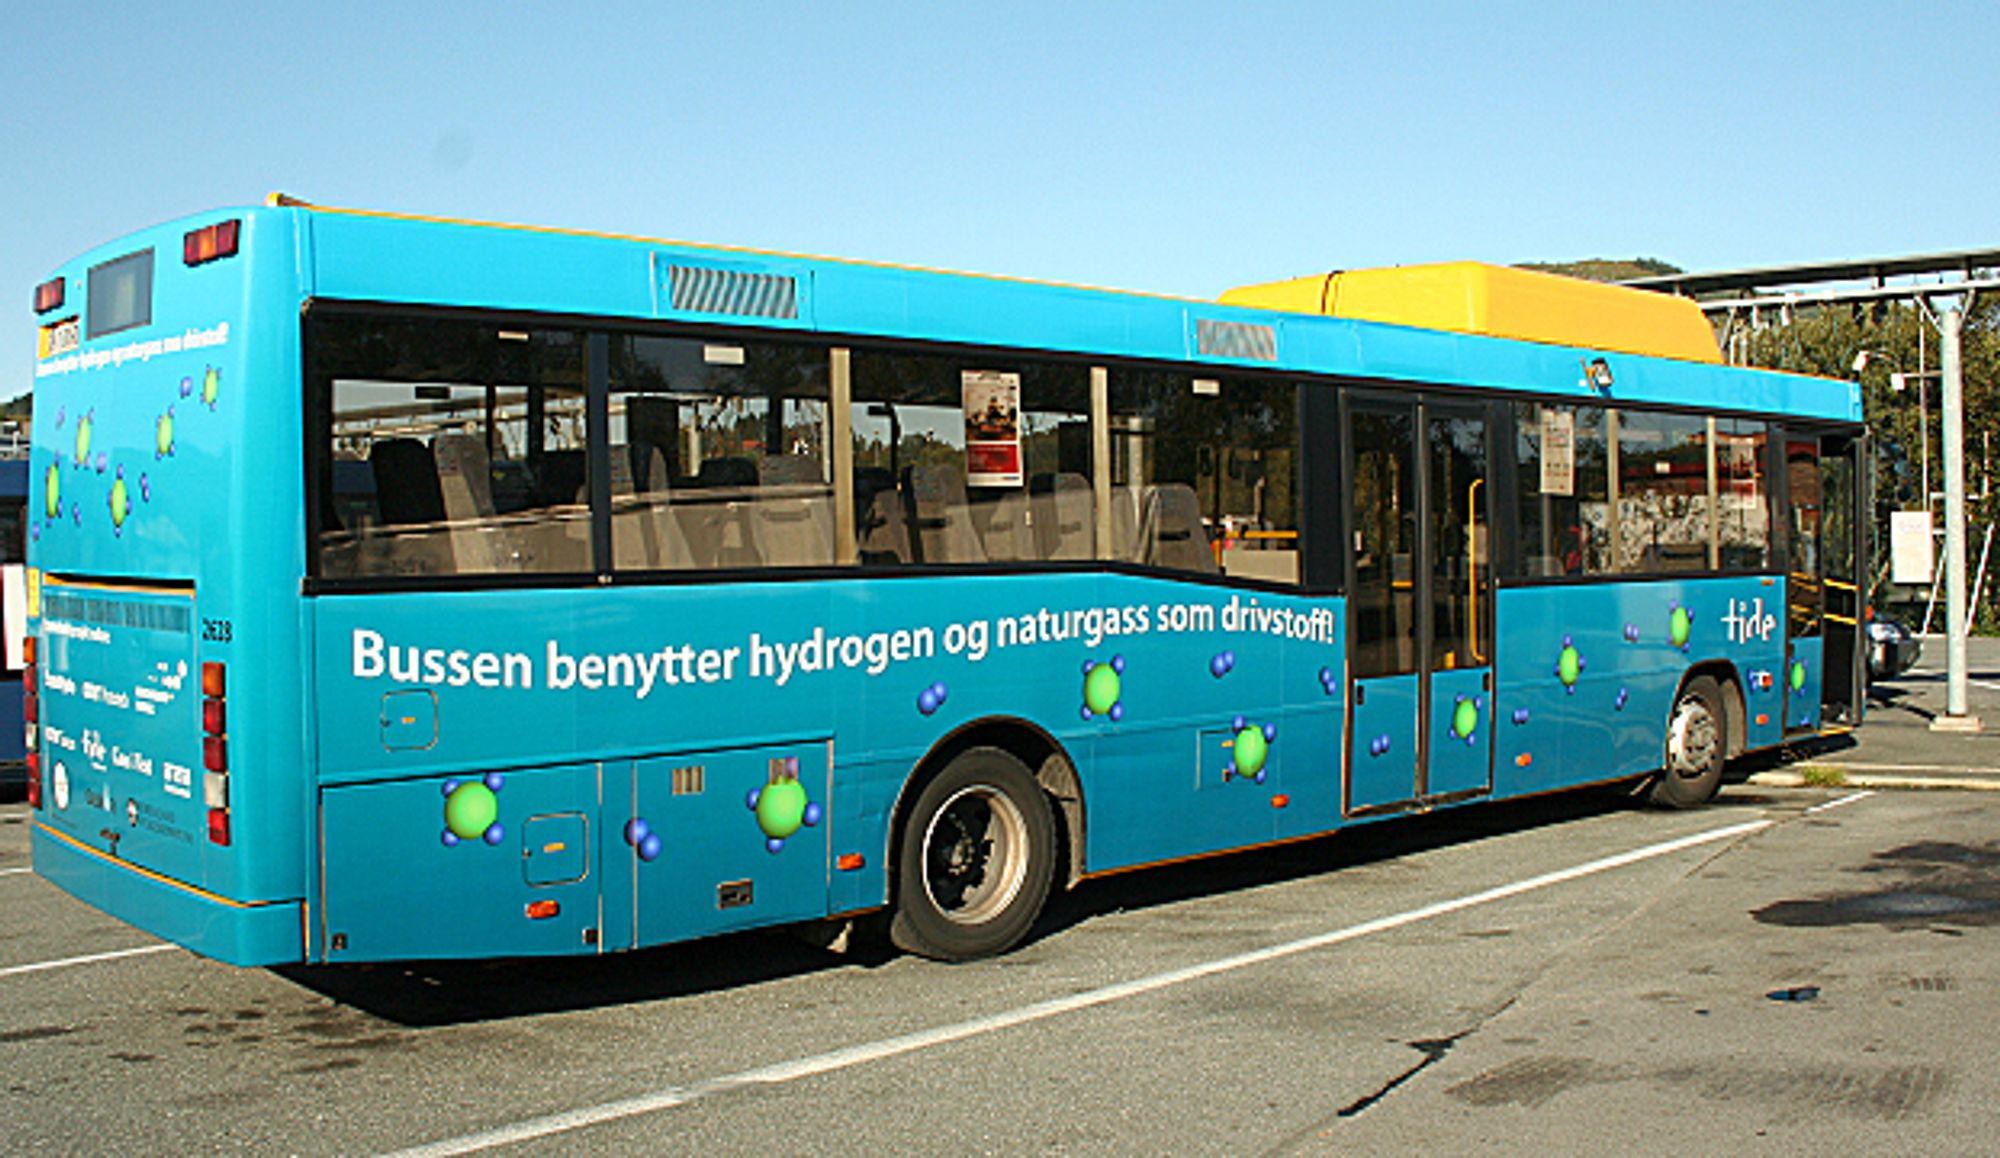 Denne Tide-bussen kjører nå på gassproduktet hytan som er hydrogenanriket naturgass.